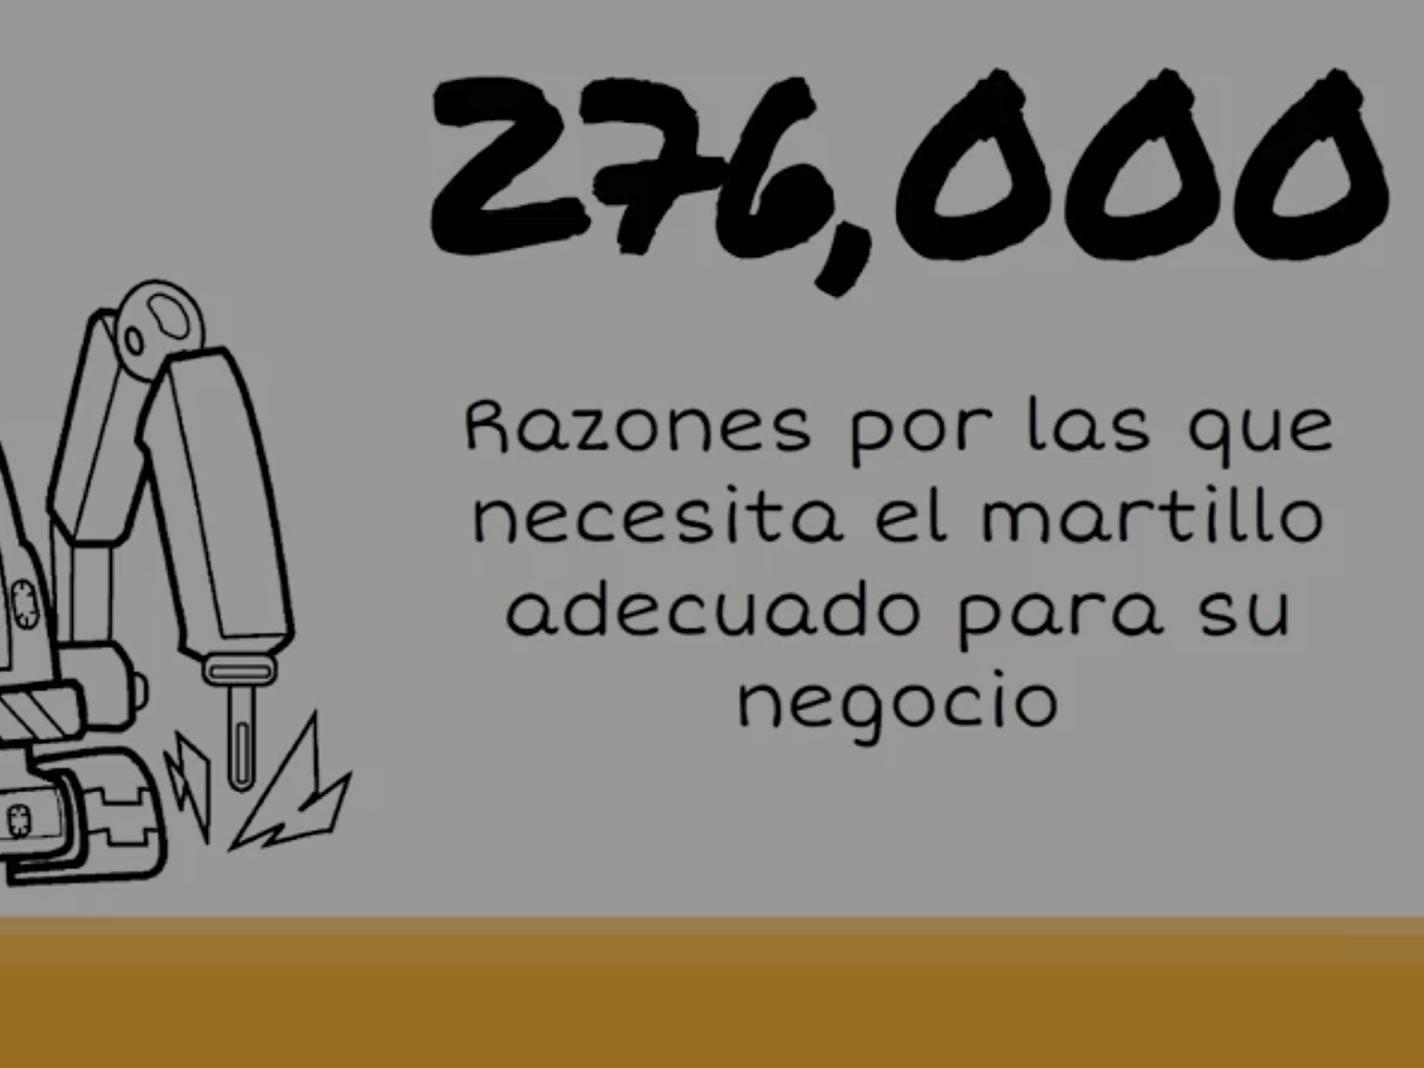 276000 Razones